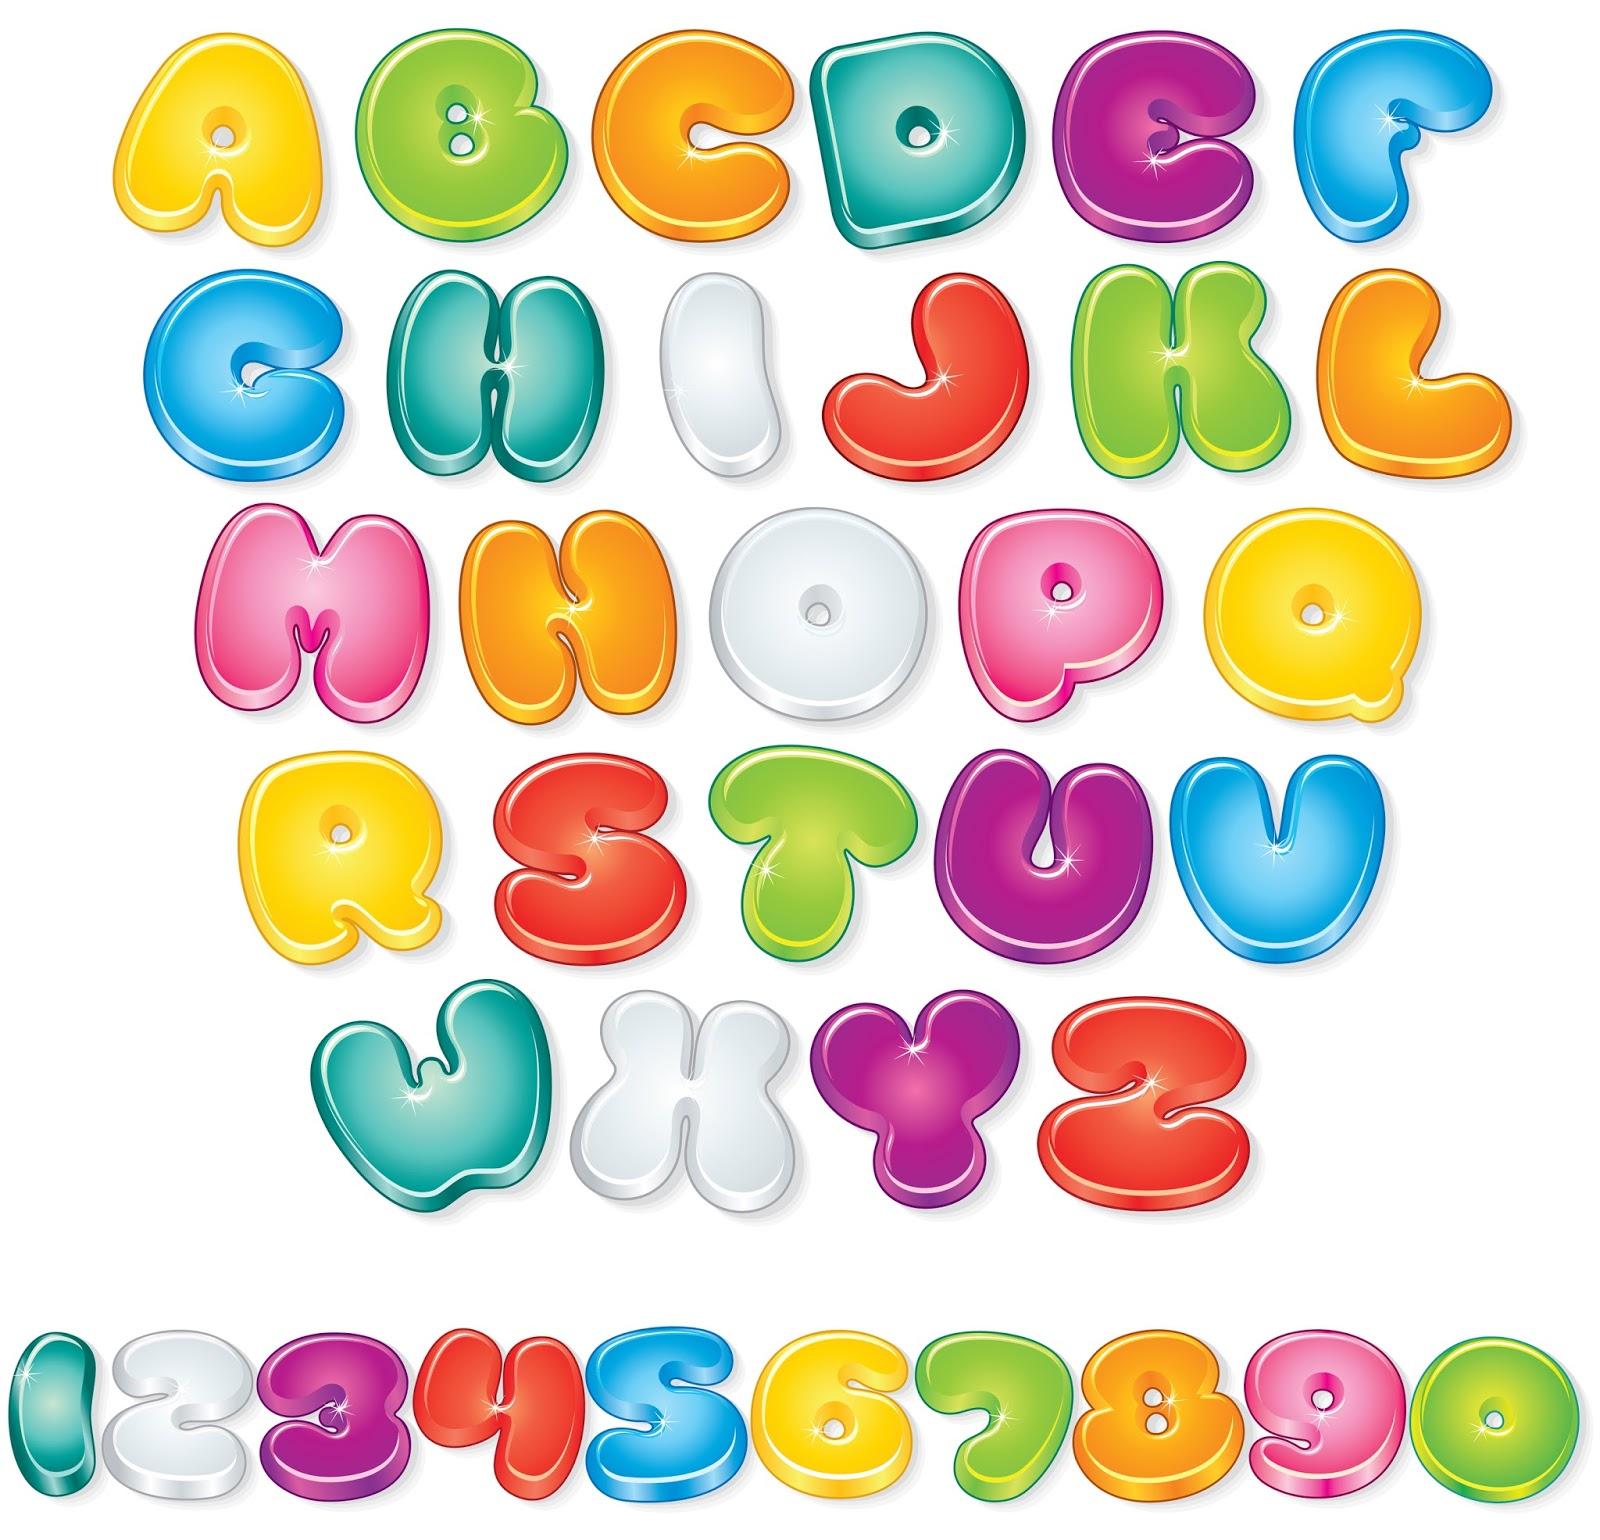 BANCO DE IMÁGENES: Abecedario con letras de colores - Recursos Gratuitos